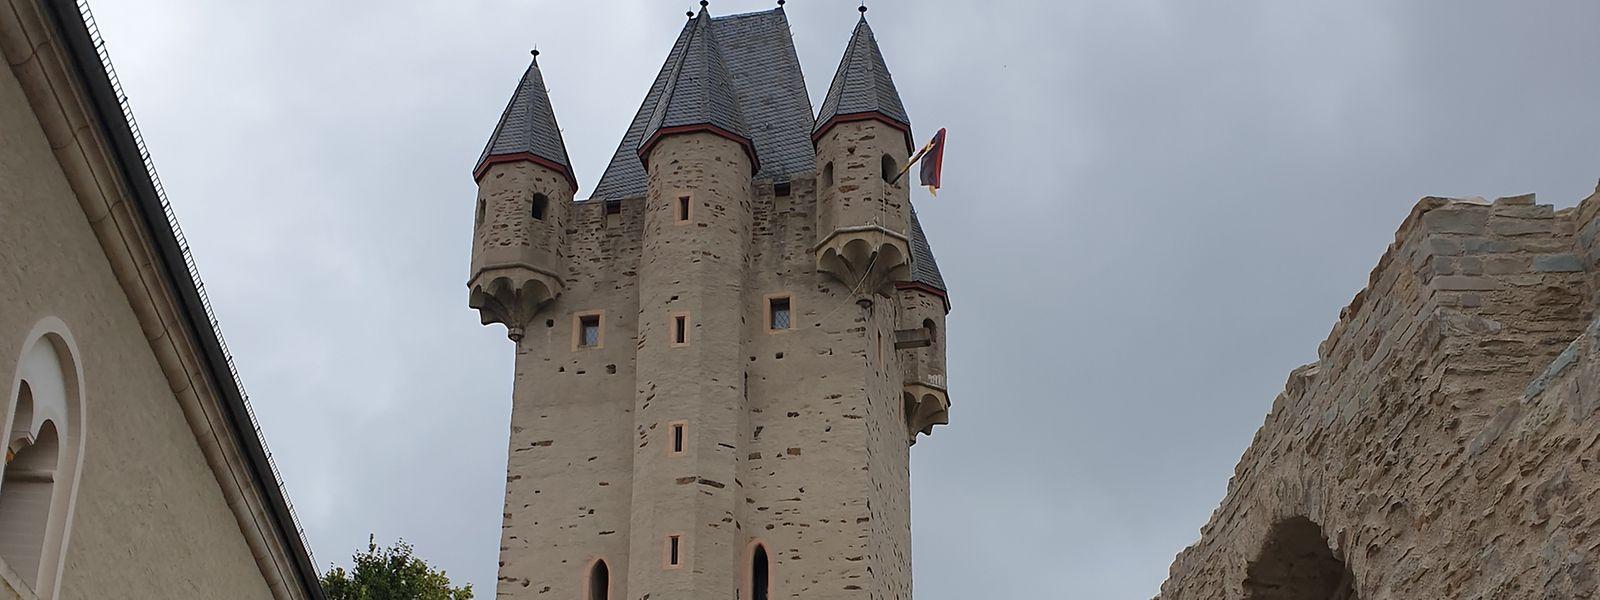 Der Stammsitz der luxemburgischen Dynastie, Burg Nassau, thront über der gleichnamigen Stadt.